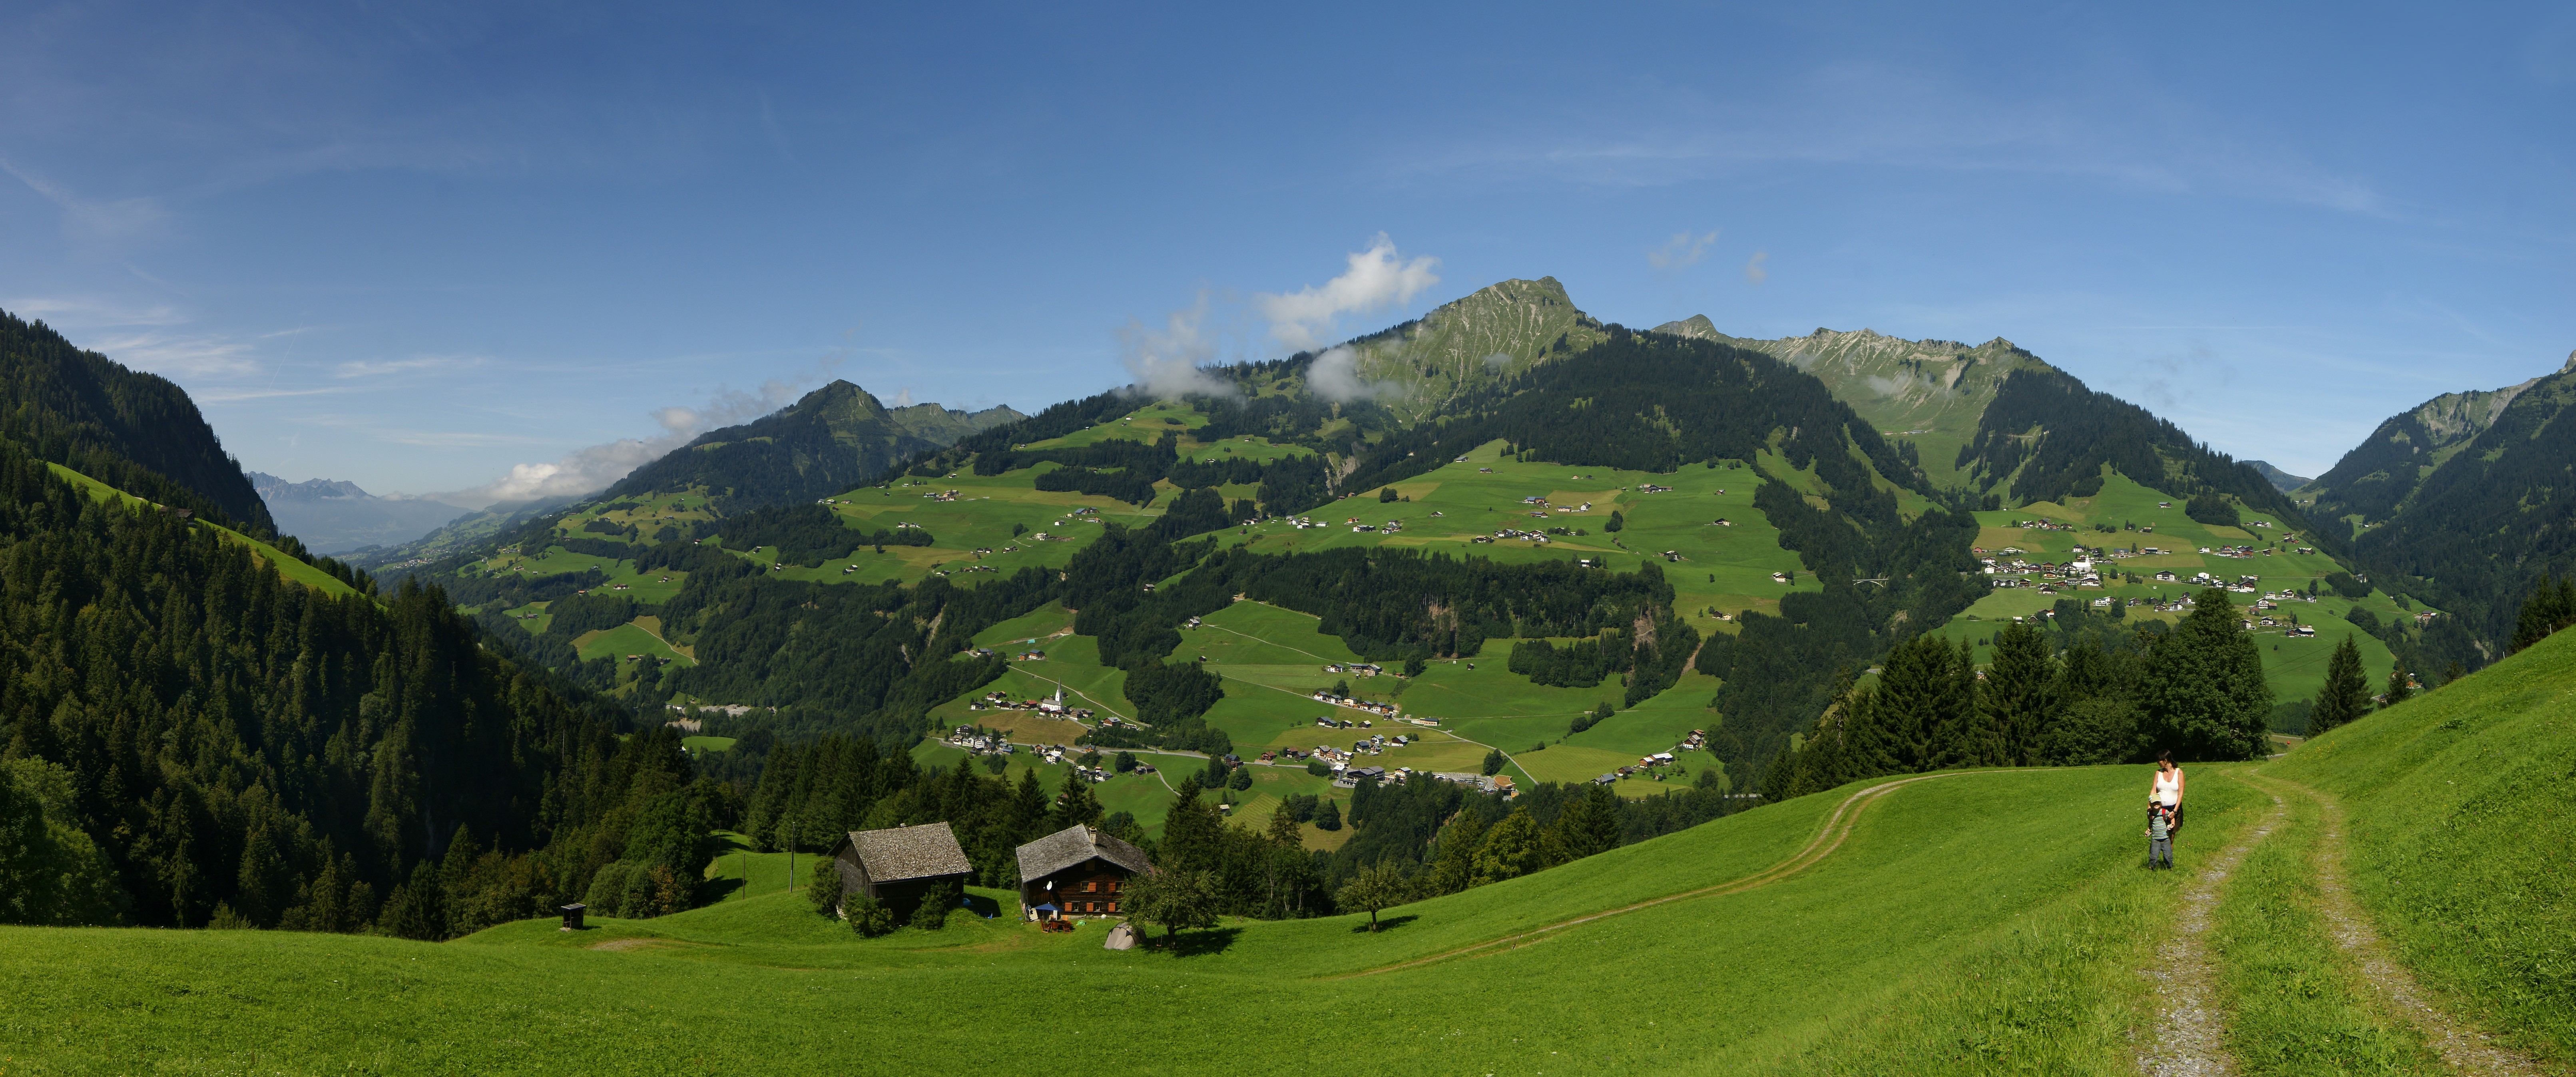 Haute Savoie (Rhône-Alpes) Vos Annonces De Rencontres Libertines Et échangistes